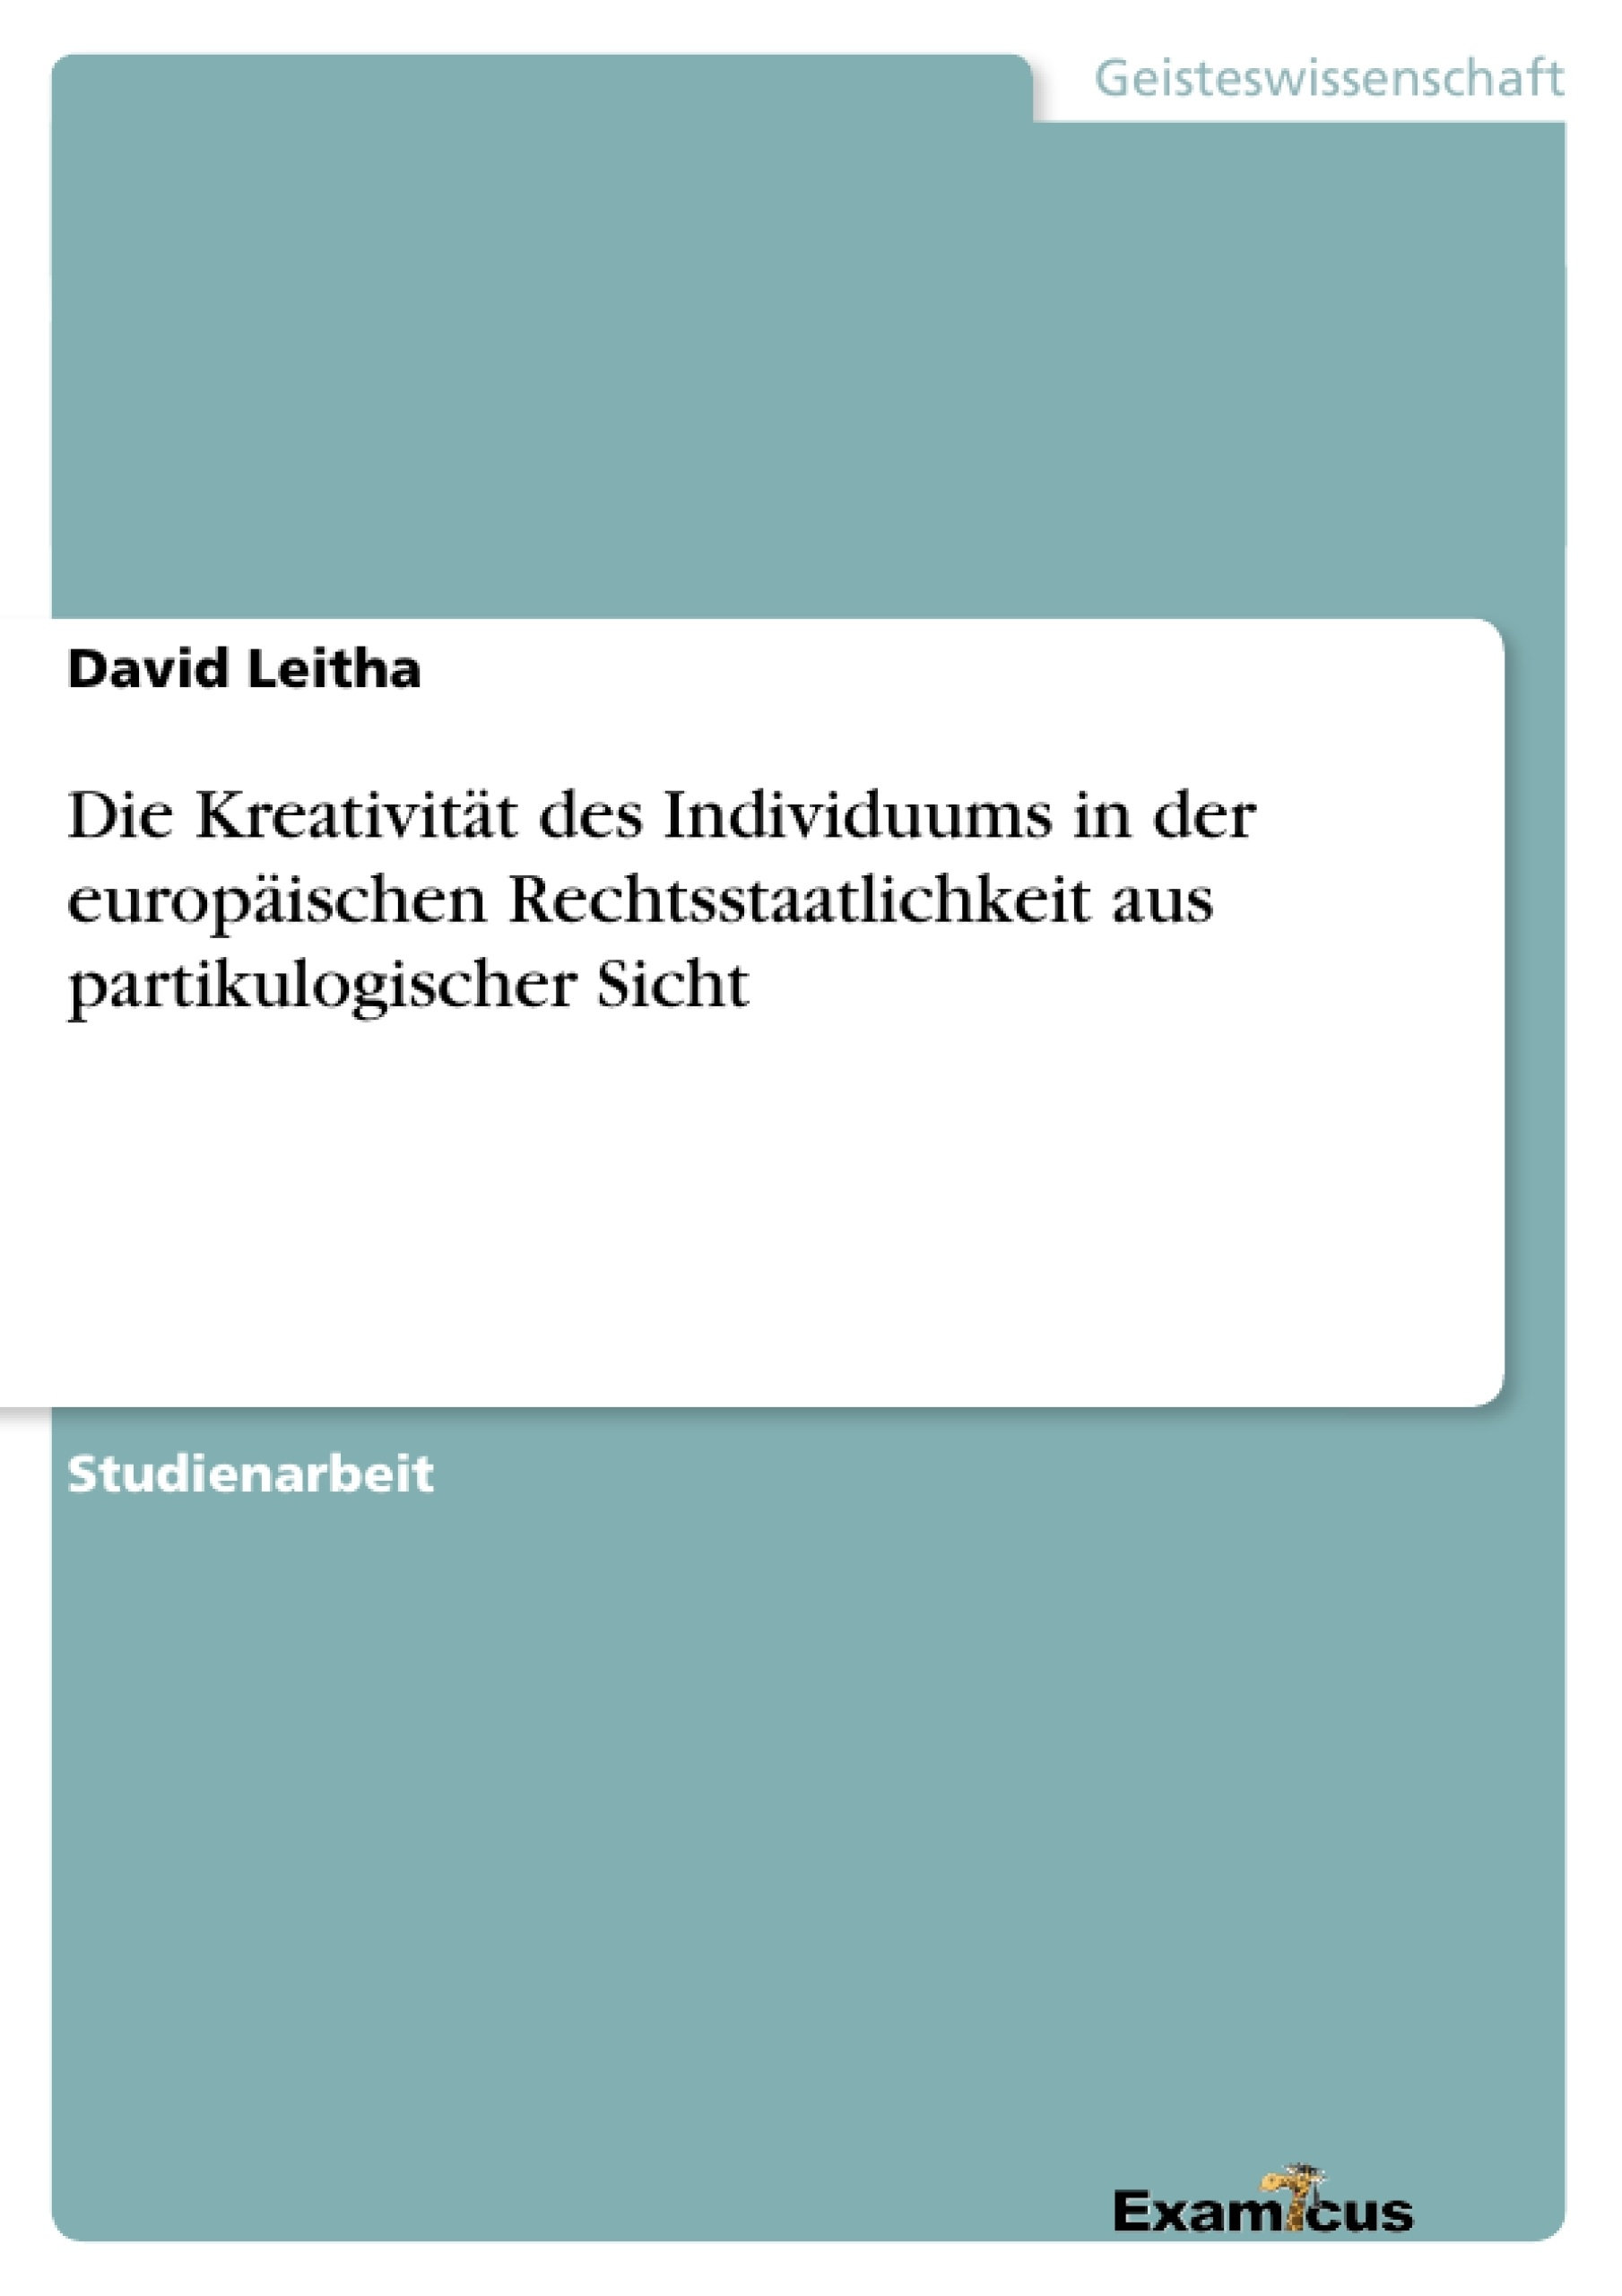 Titel: Die Kreativität des Individuums in der europäischen Rechtsstaatlichkeit aus partikulogischer Sicht